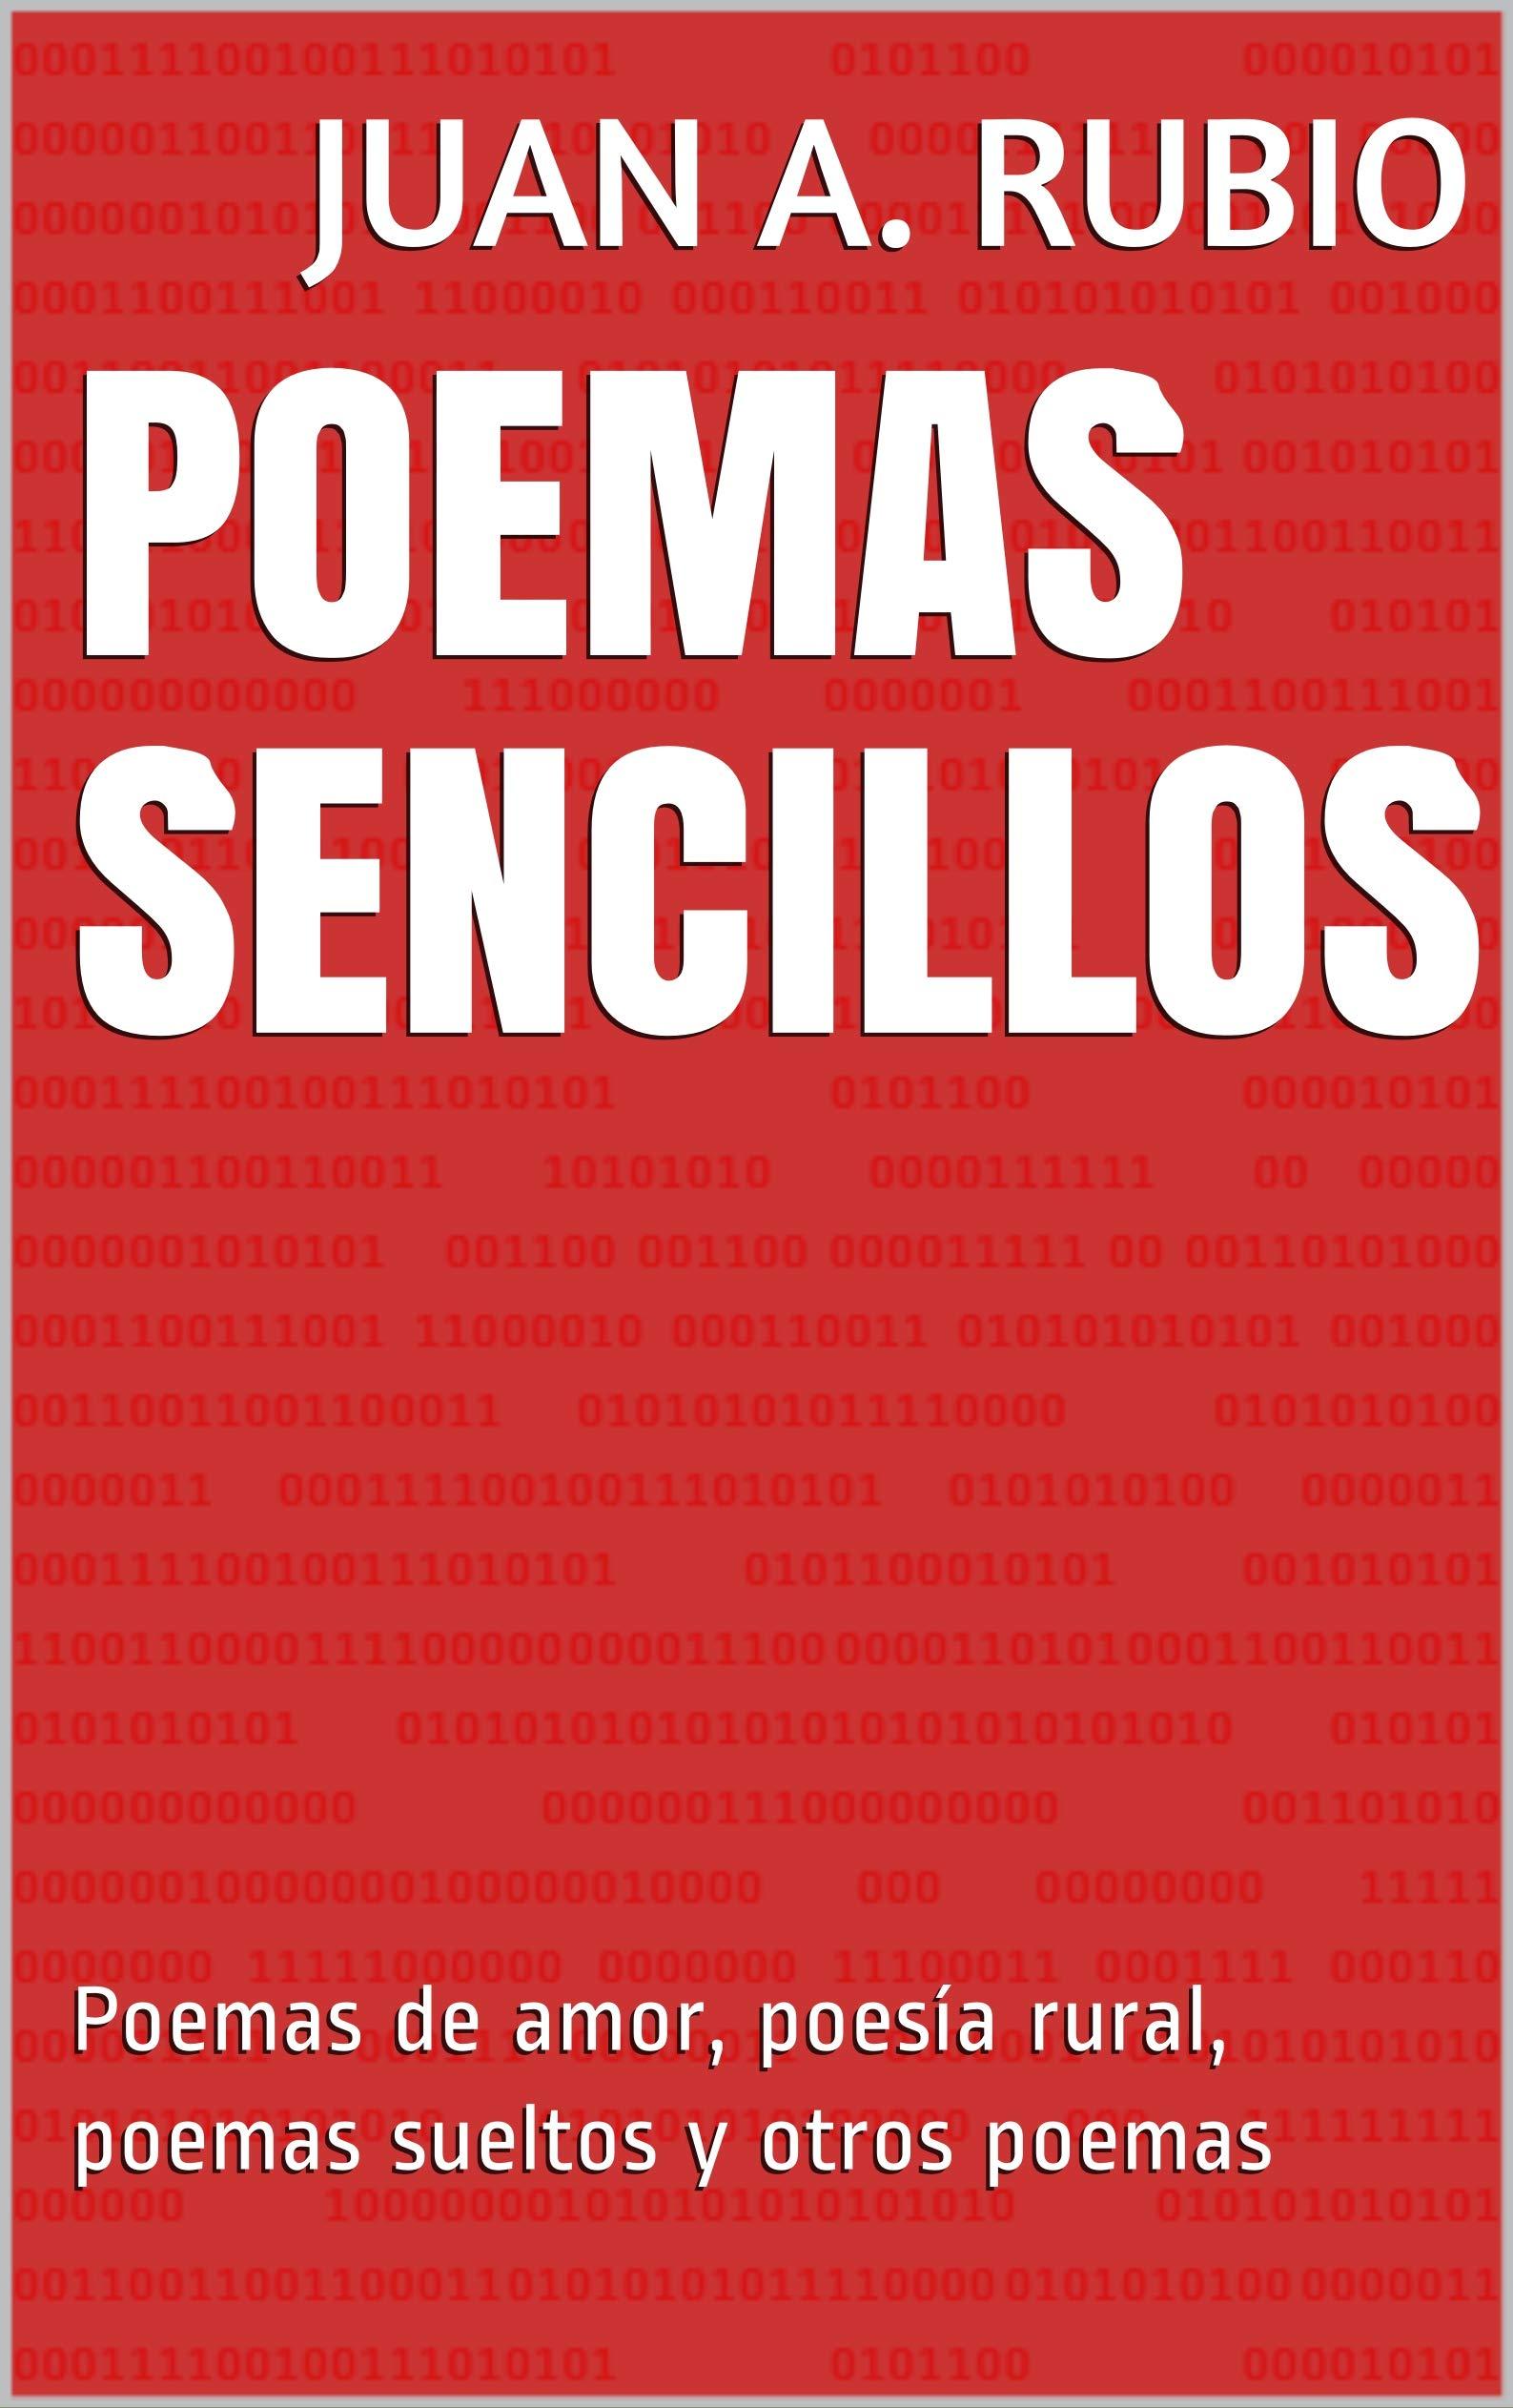 Poemas sencillos: Poemas de amor poesía rural poemas sueltos y otros poemas